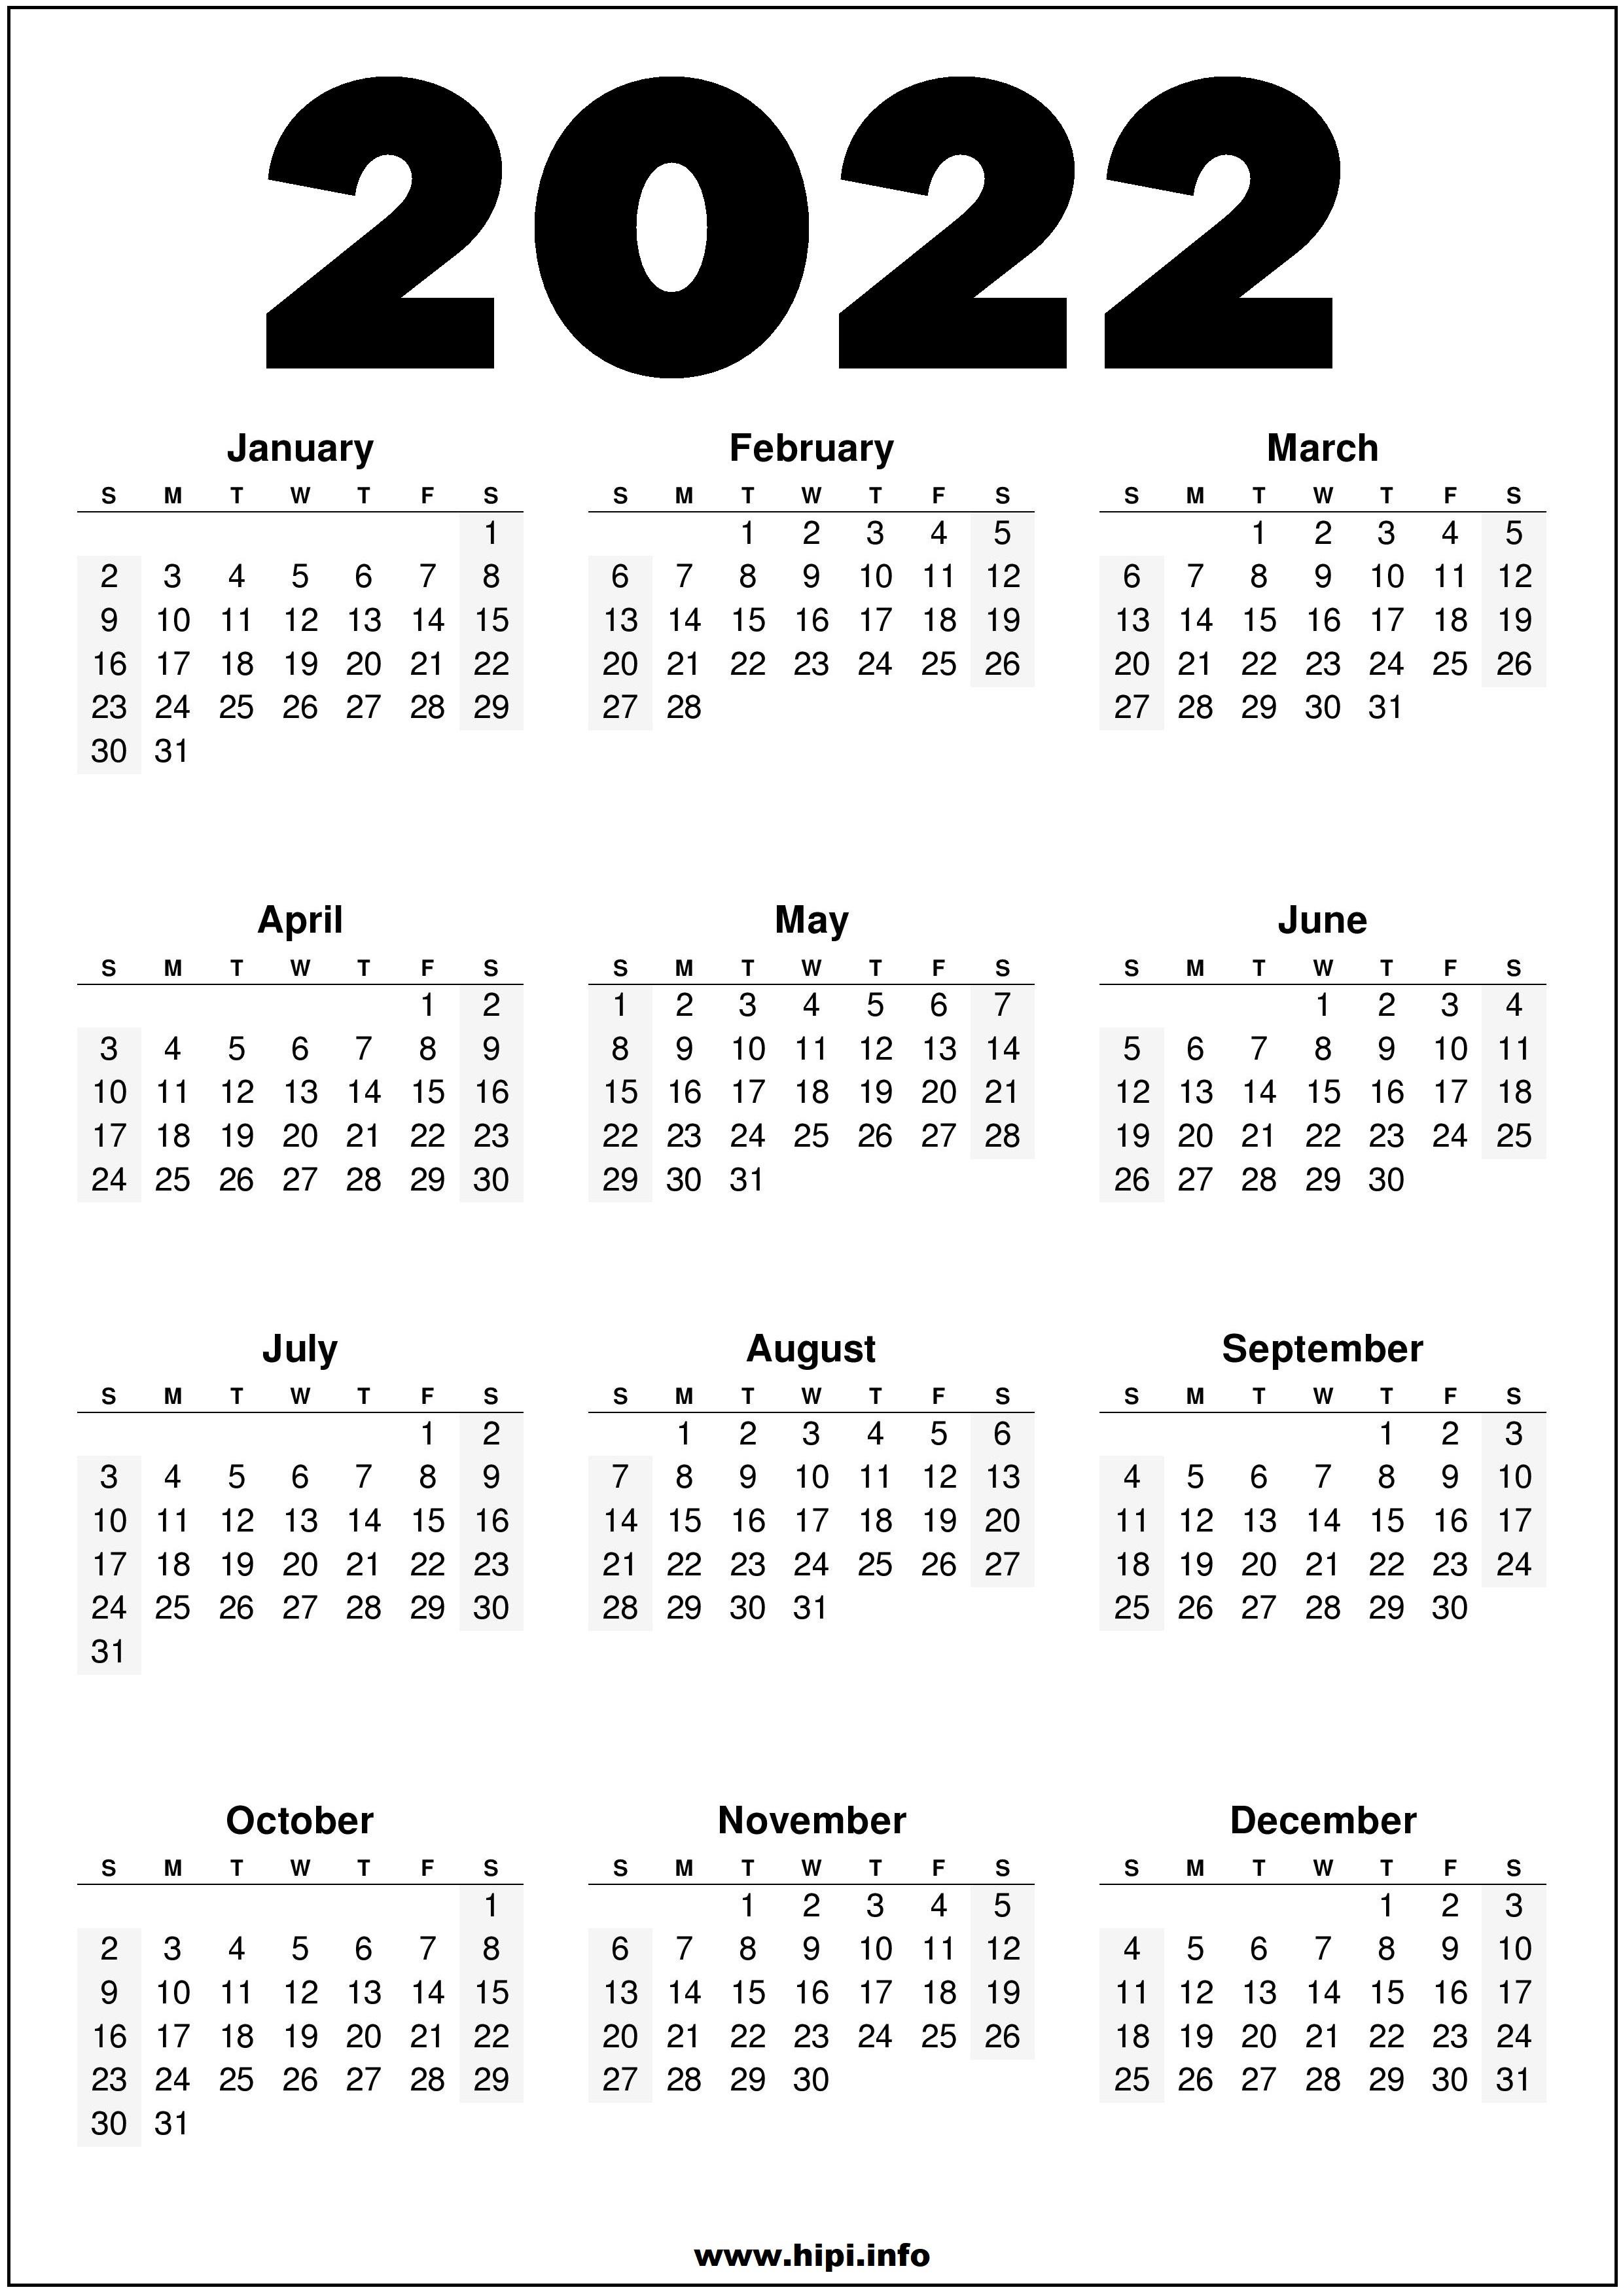 Free Desktop Calendar 2022.2022 Printable Us Calendar Black And White Hipi Info Calendars Printable Free